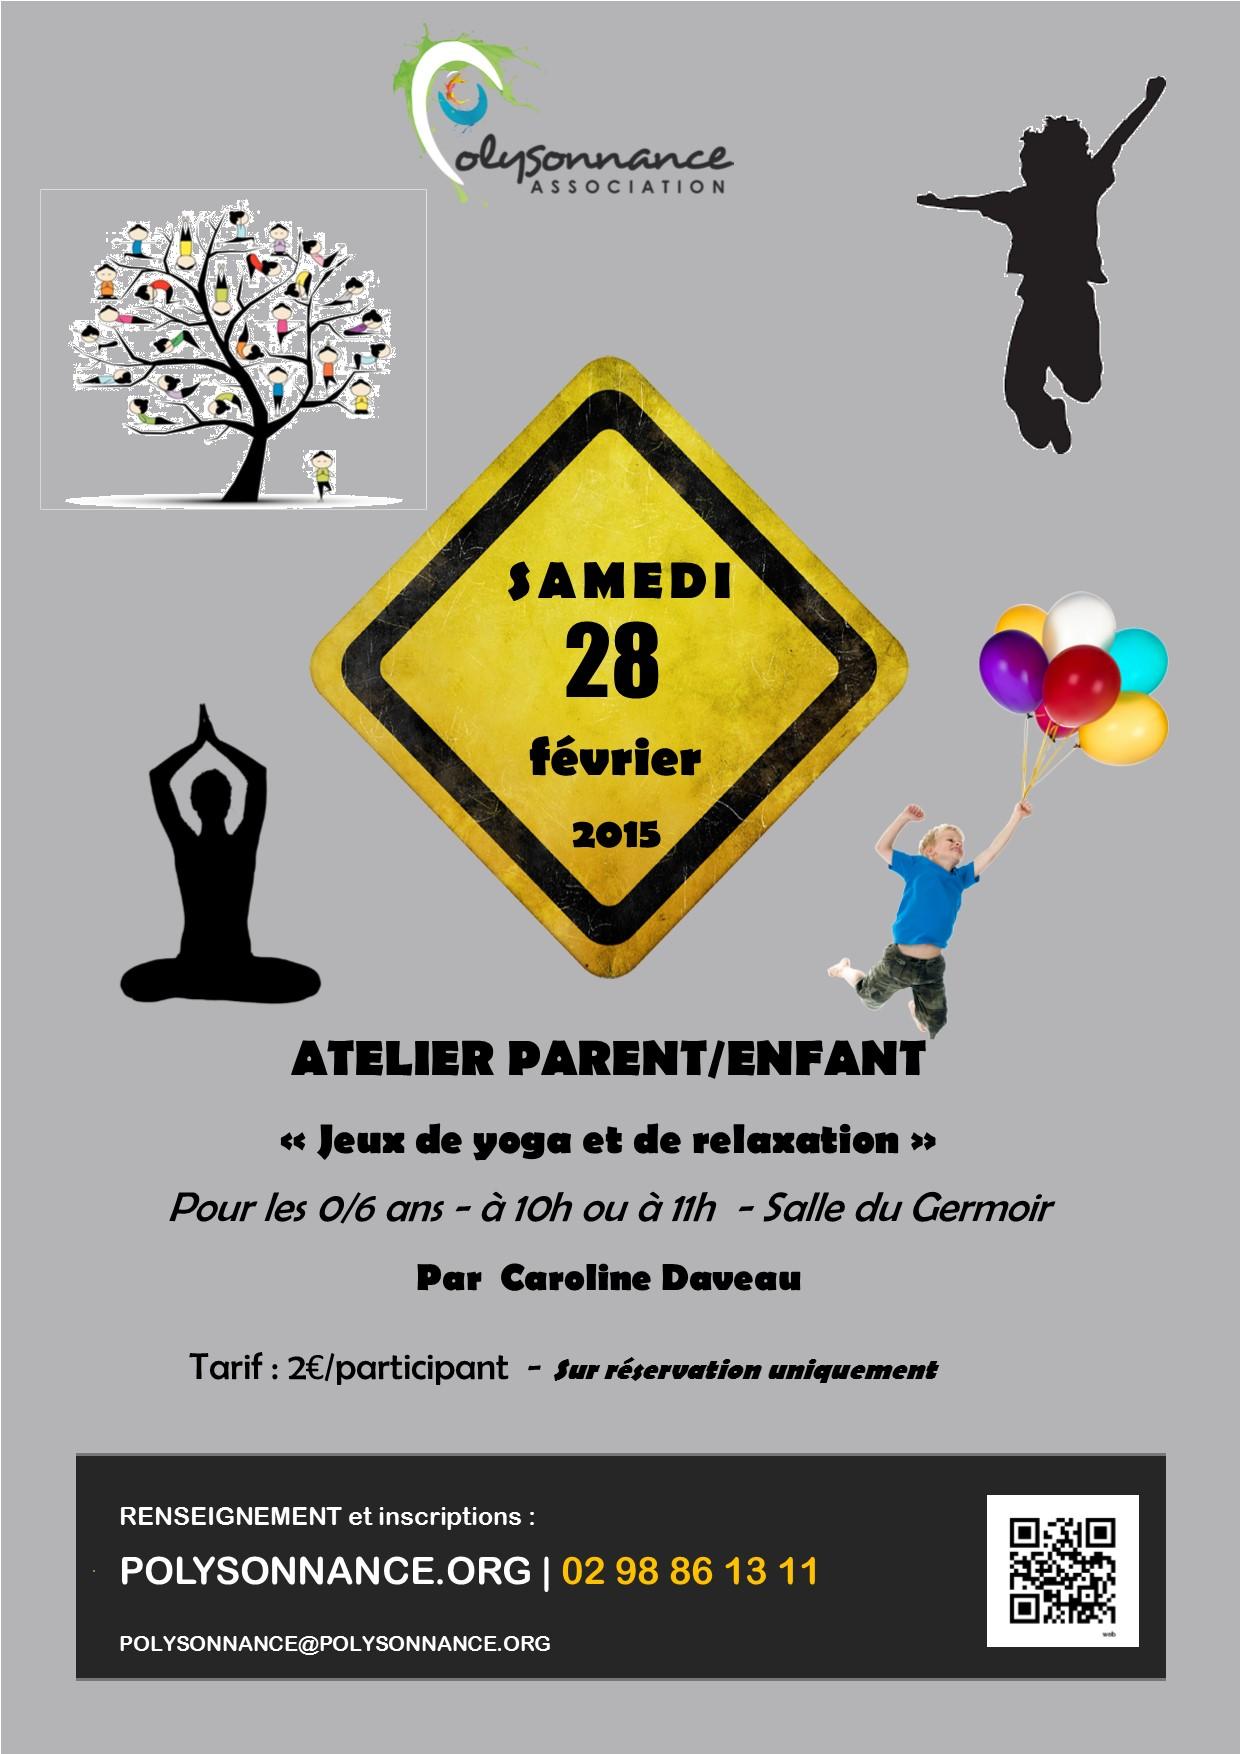 Atelier «Enfants/parents» : Samedi 28 février 2015 au Germoir